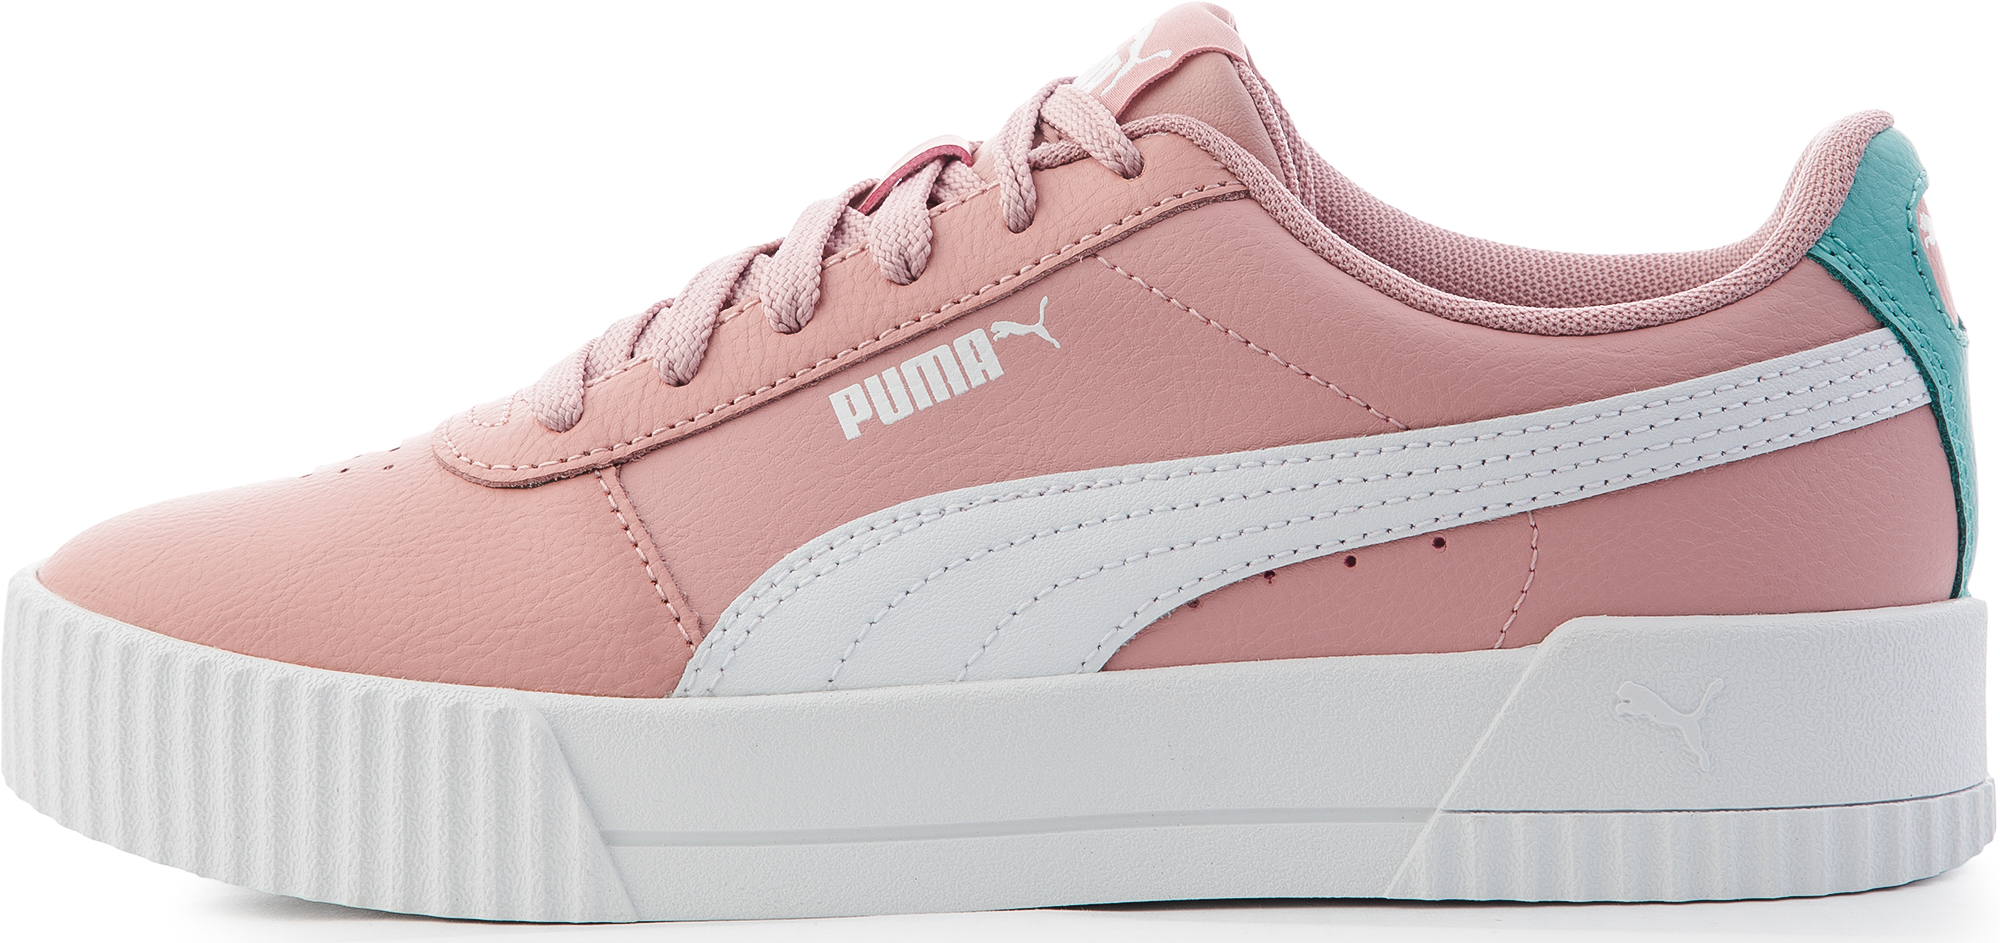 Puma Кеды для девочек Carina Jr, размер 37,5